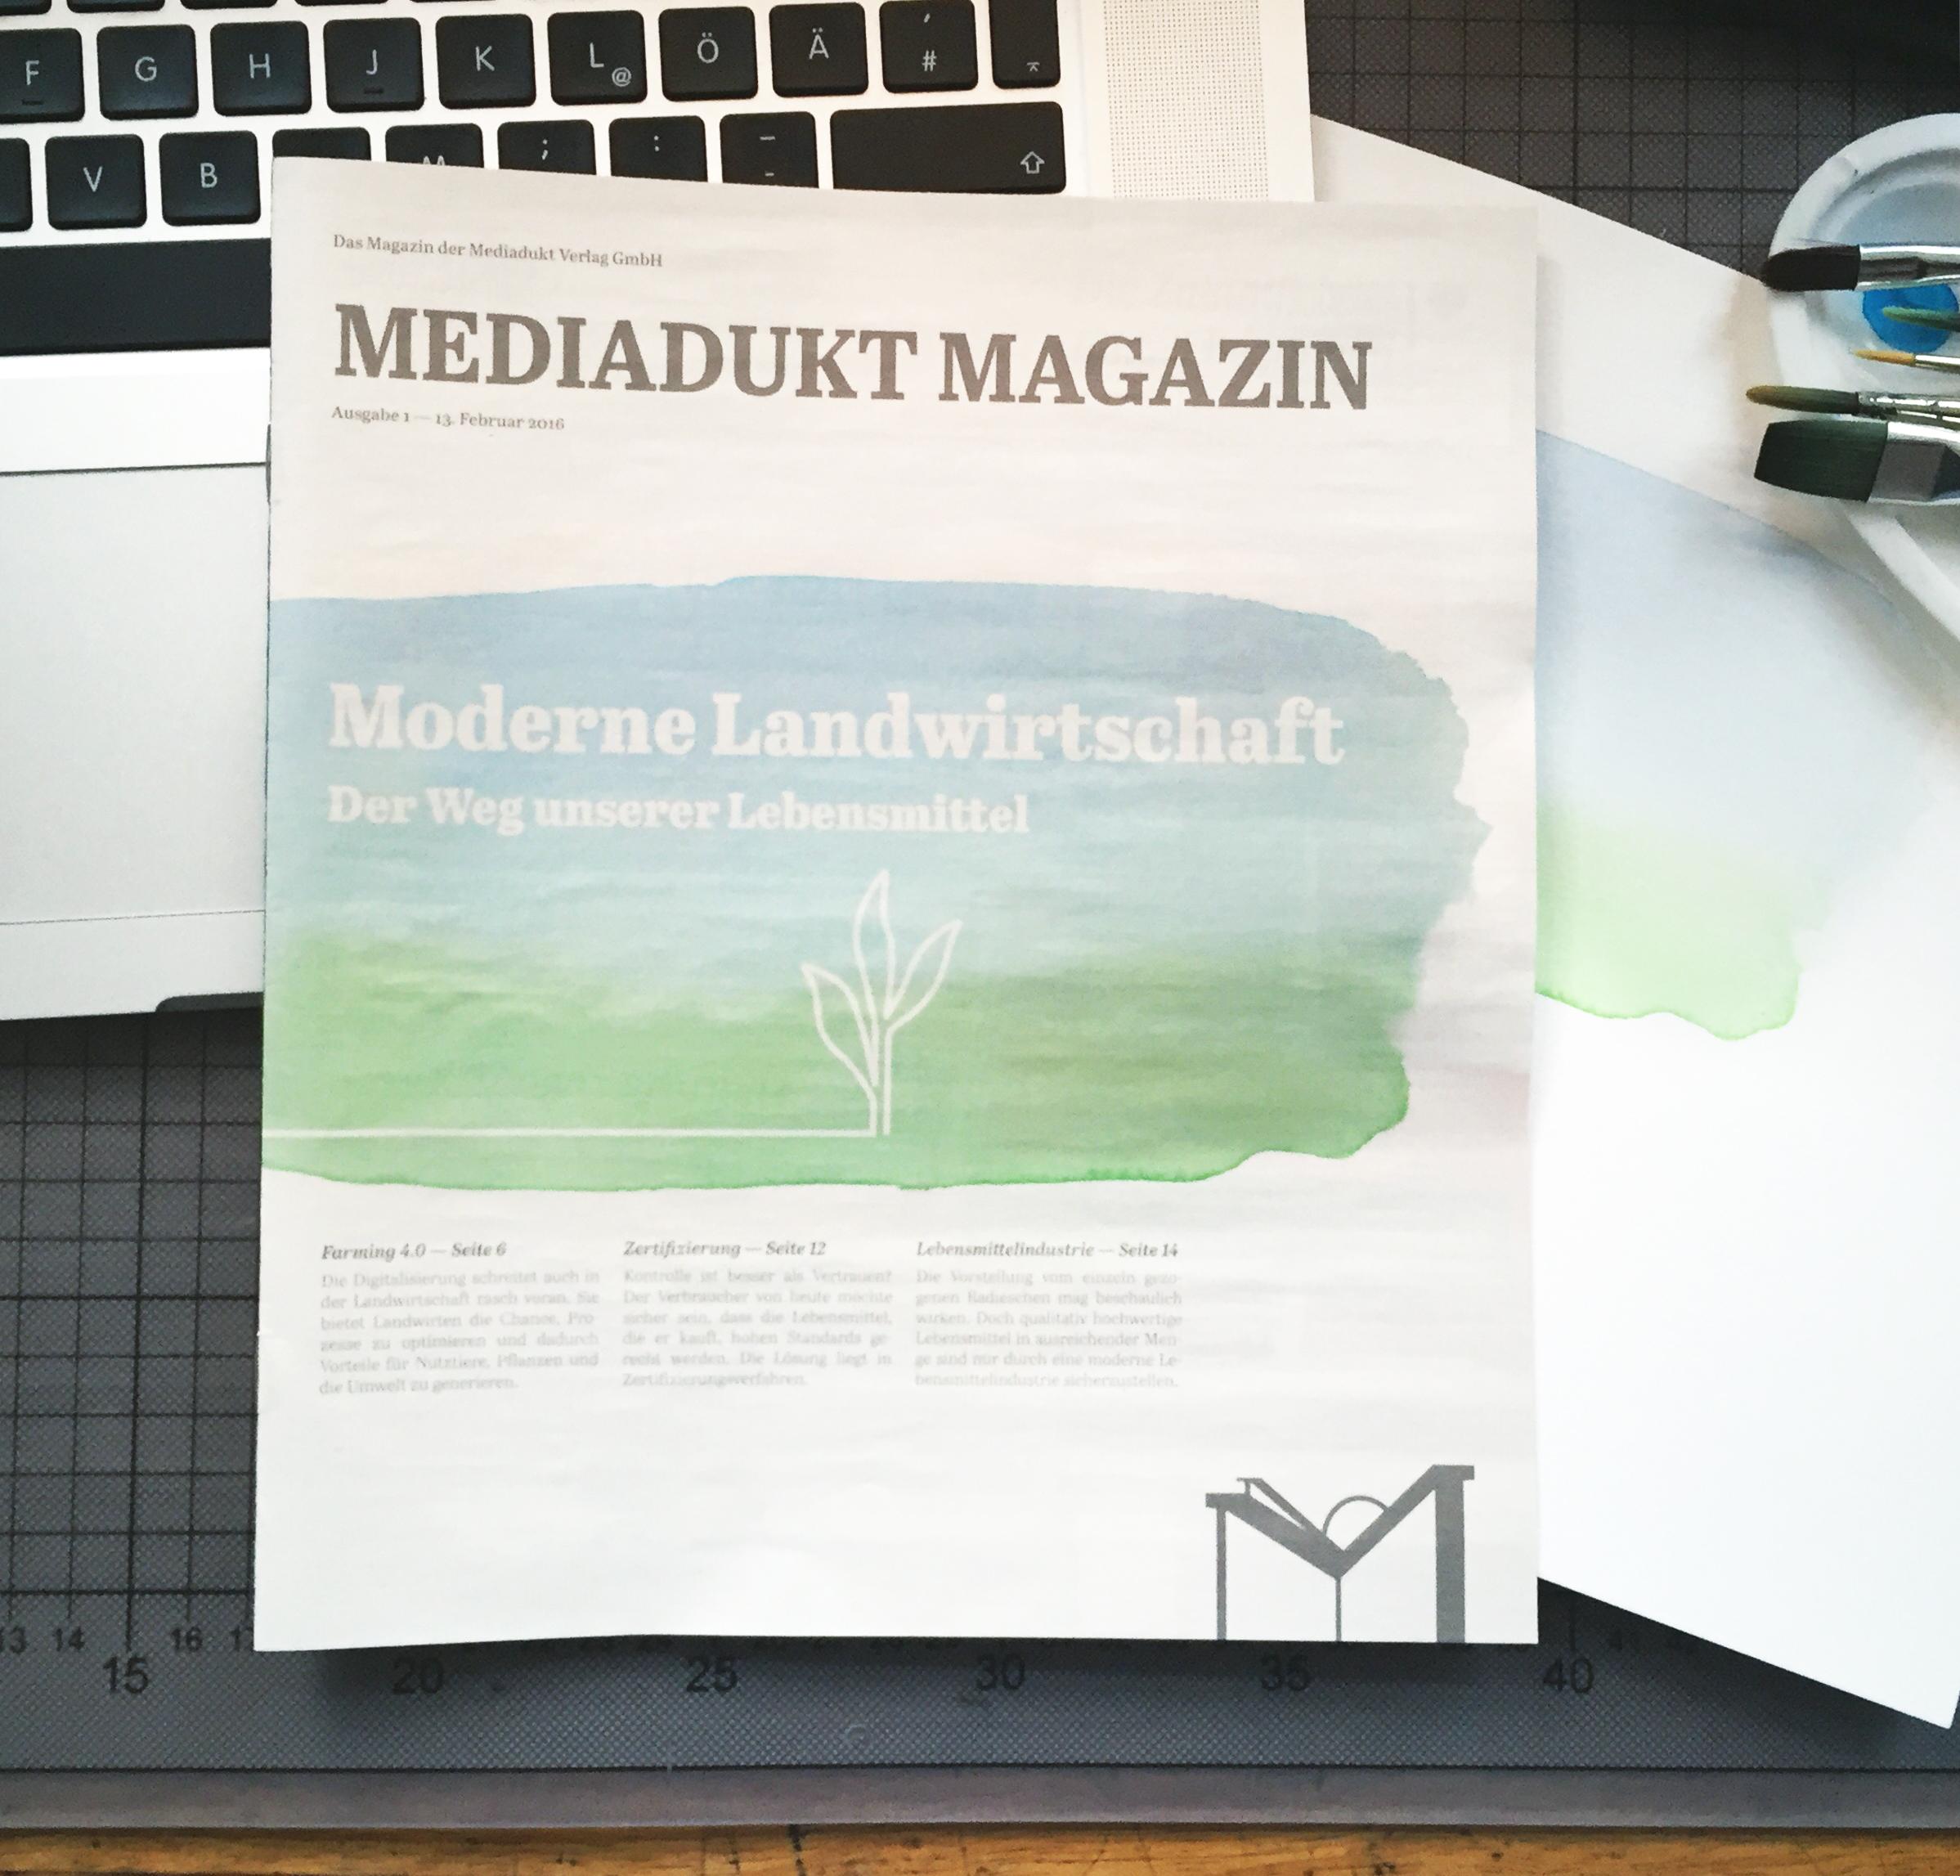 Mediadukt Magazin